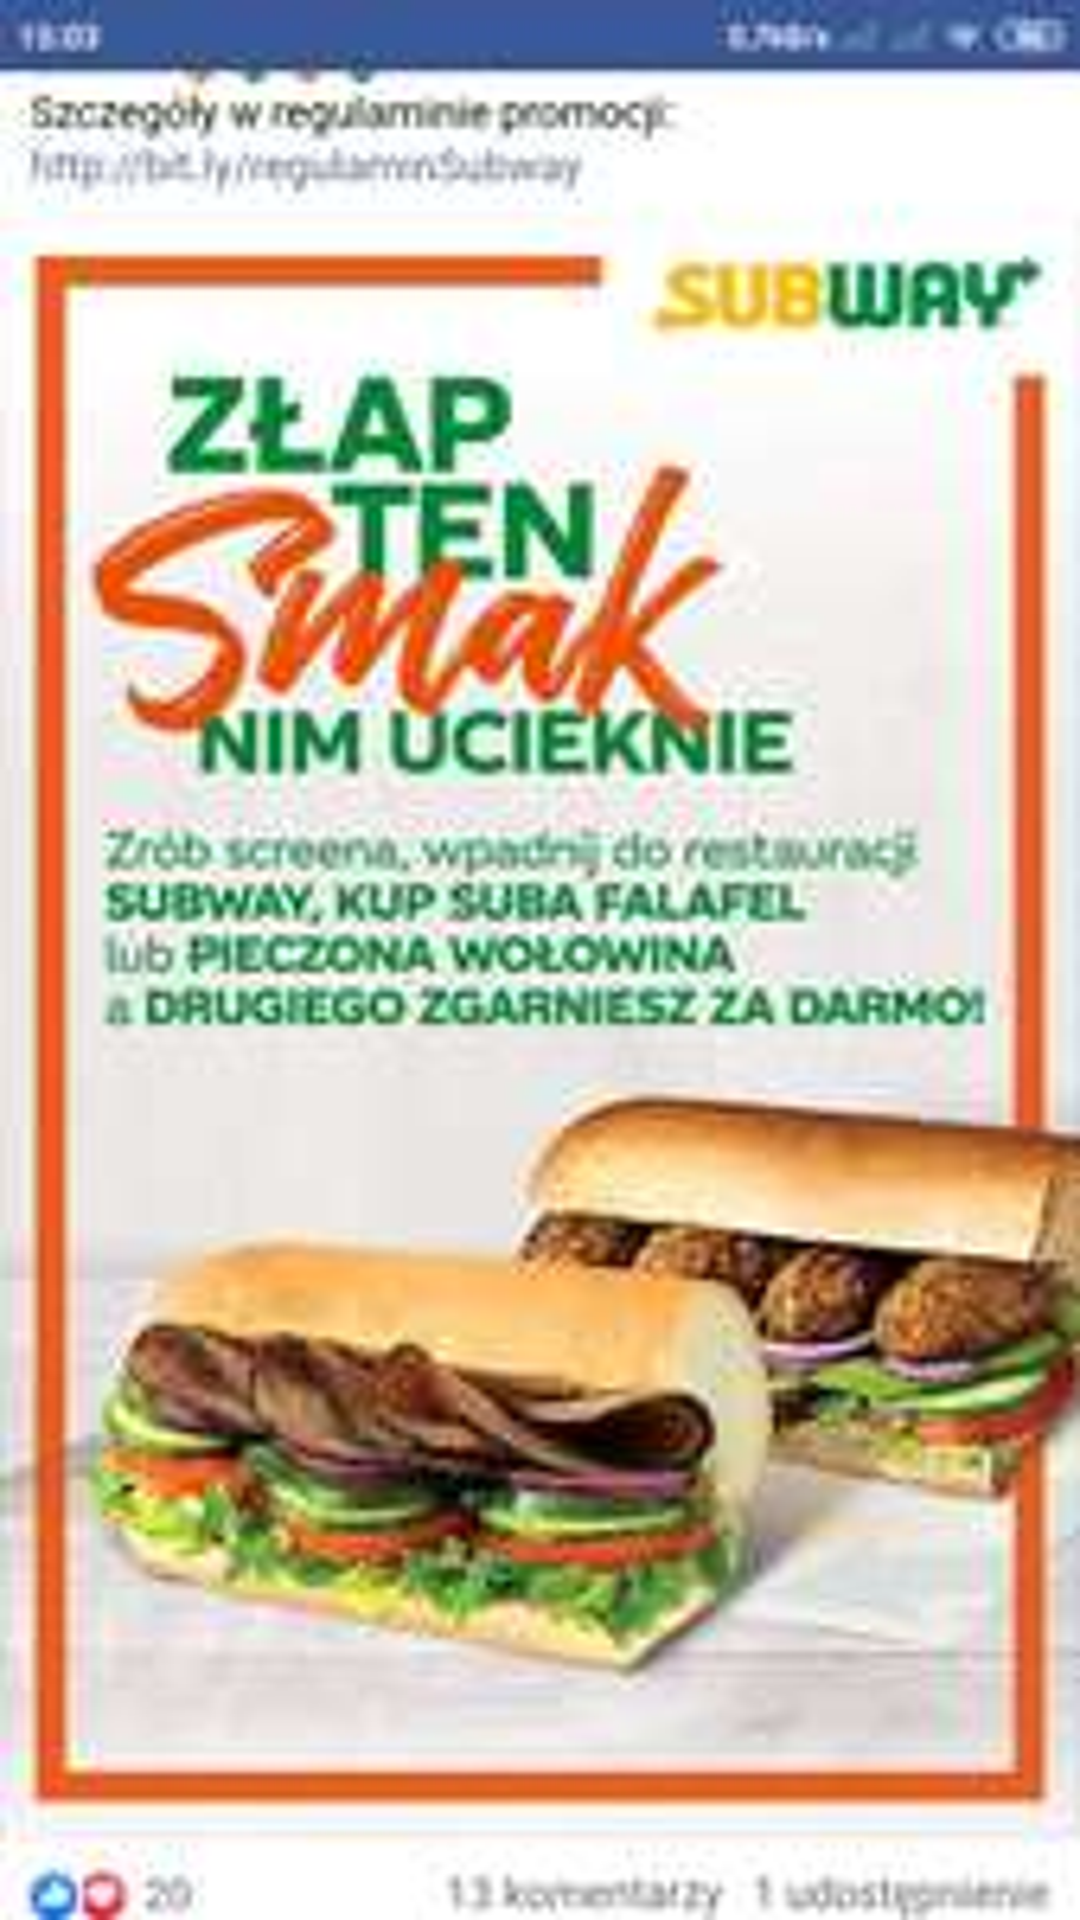 Subway 2 kanapki w cenie jednej- falafel lub pieczona wołowina